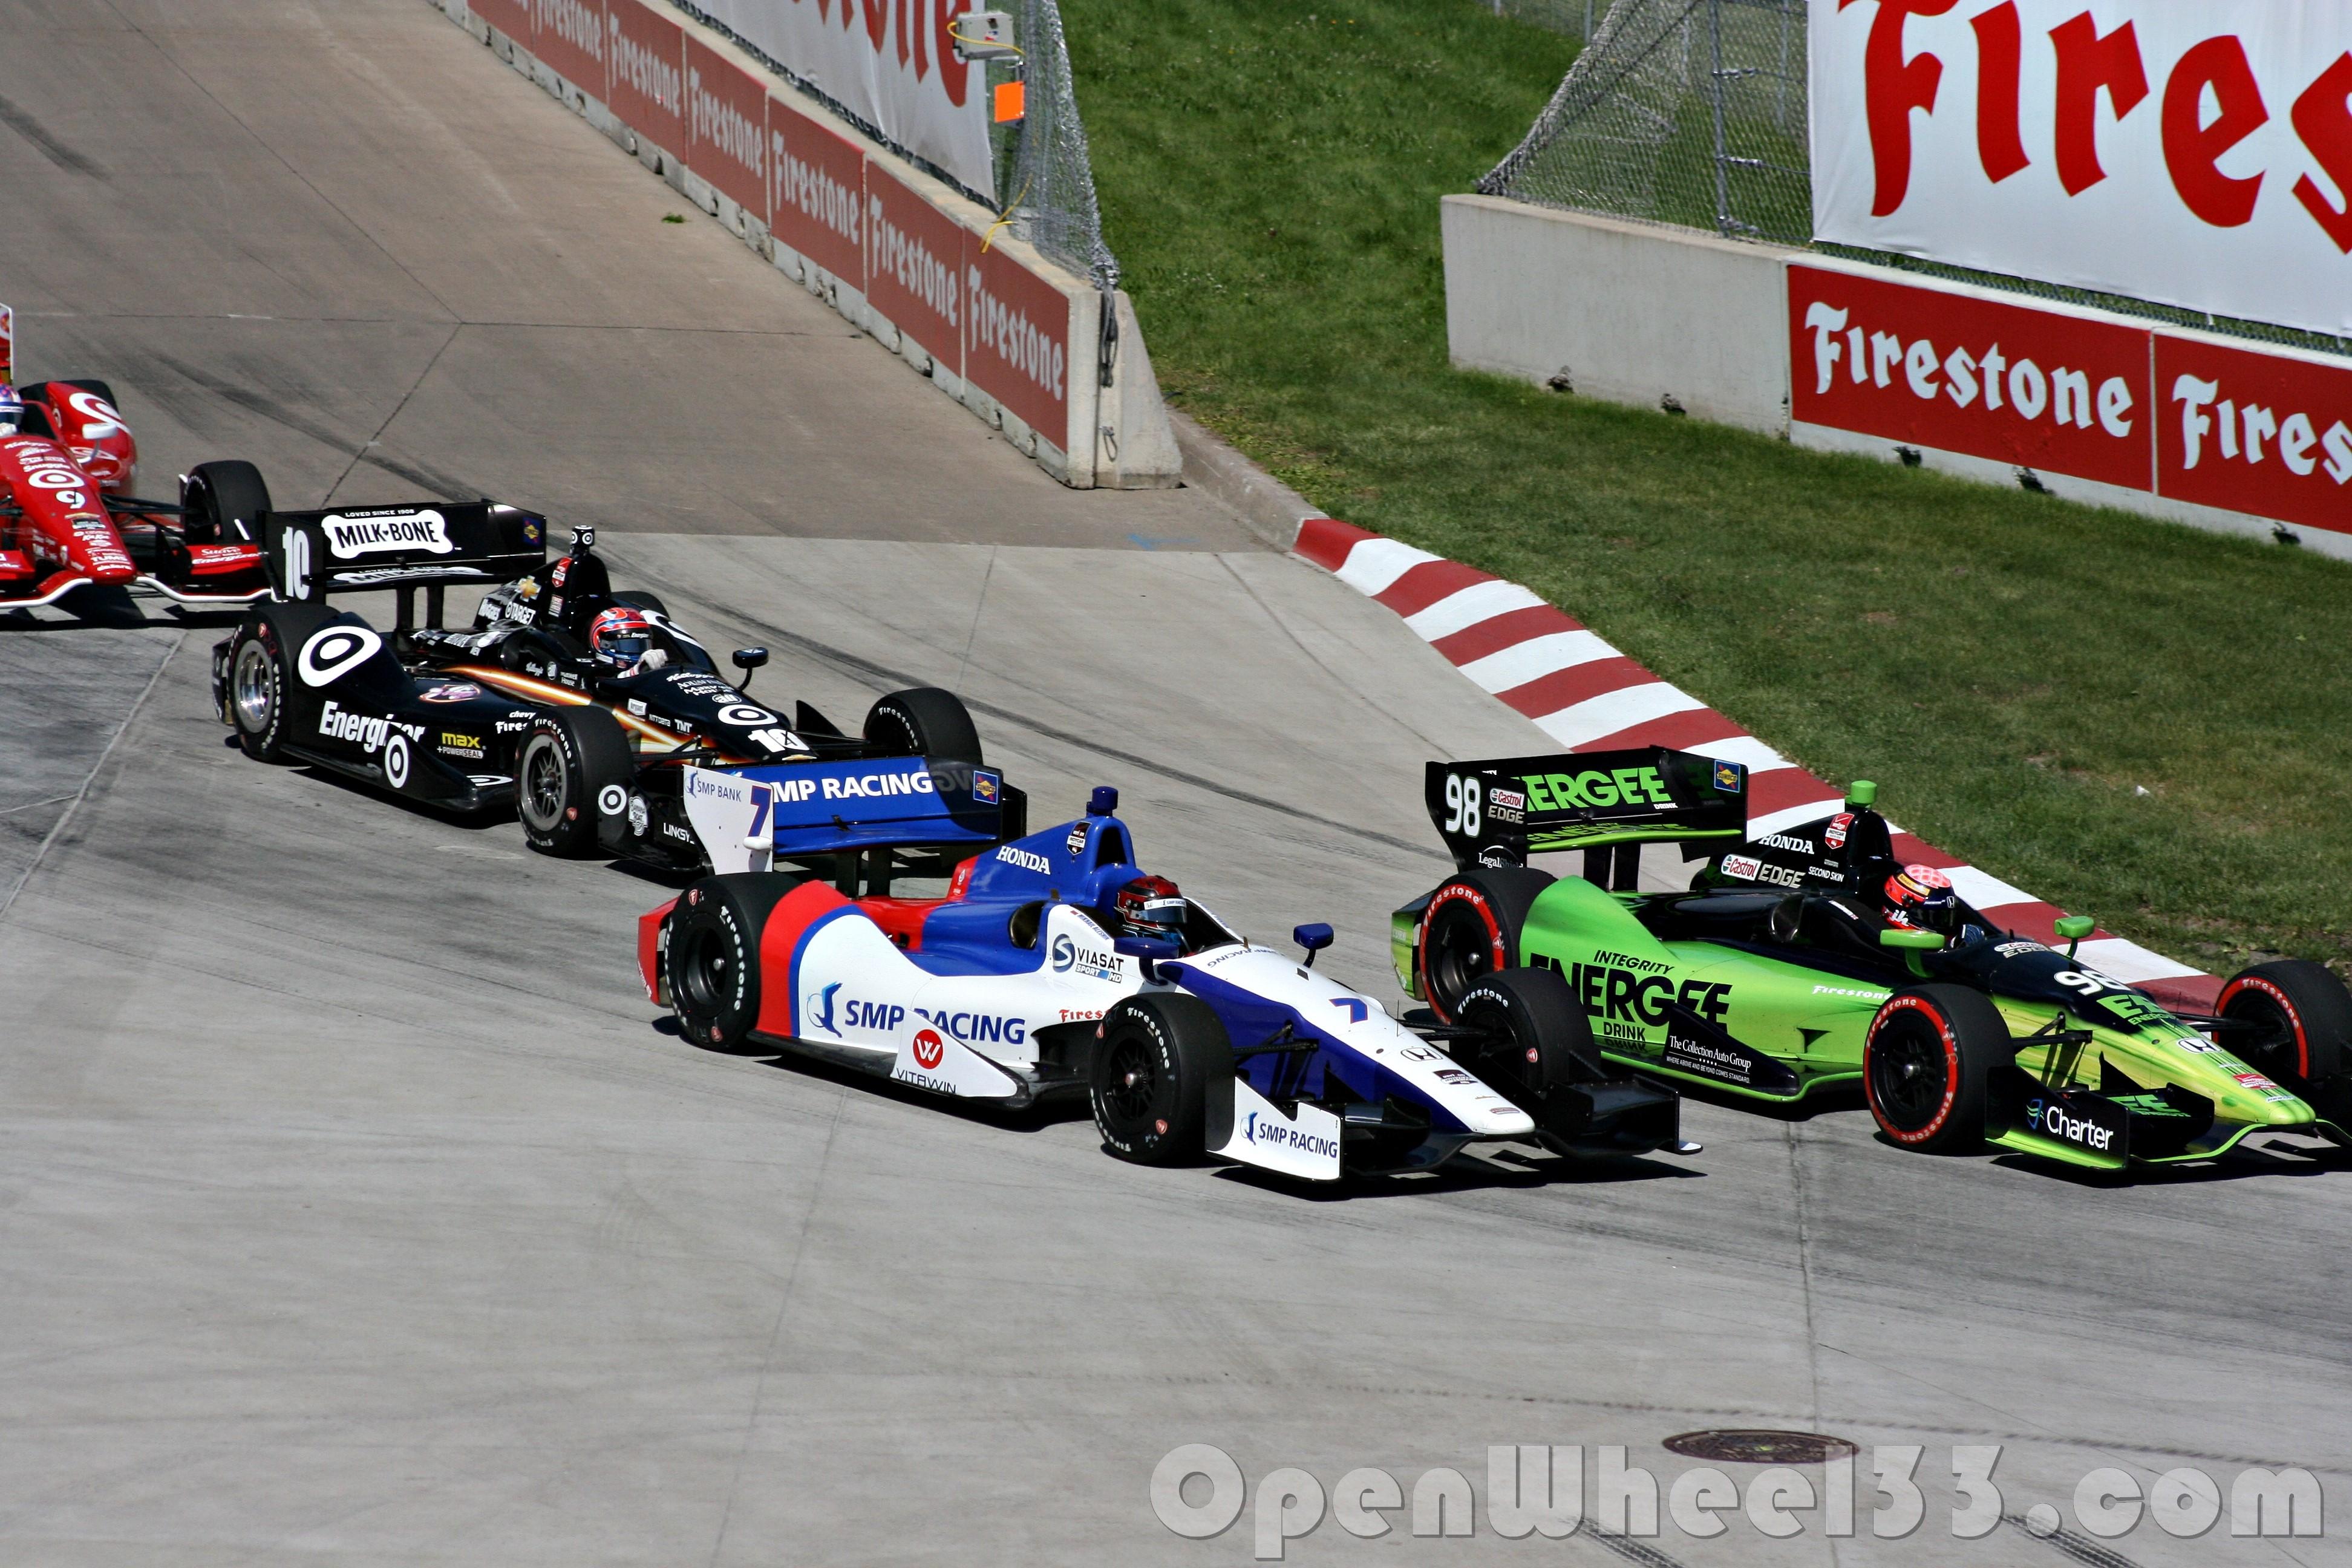 2014 Detroit GP R2 - 20 - PH